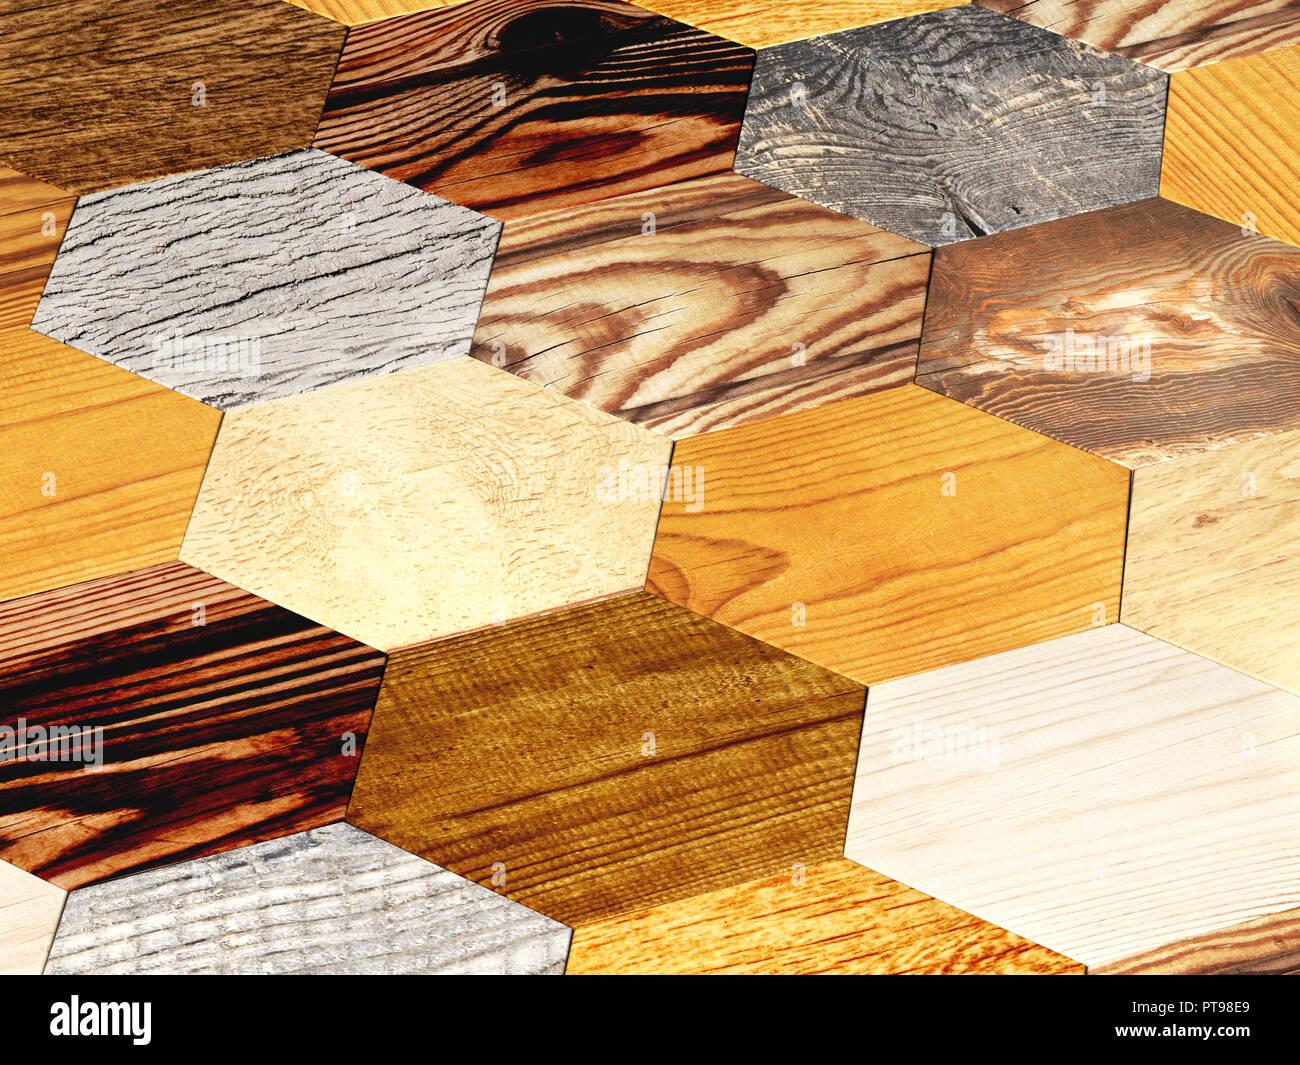 Nuove Tavole Di Parquet Di Quercia Di Diversi Colori Con Texture In Stile Rustico 3d Render Foto Stock Alamy